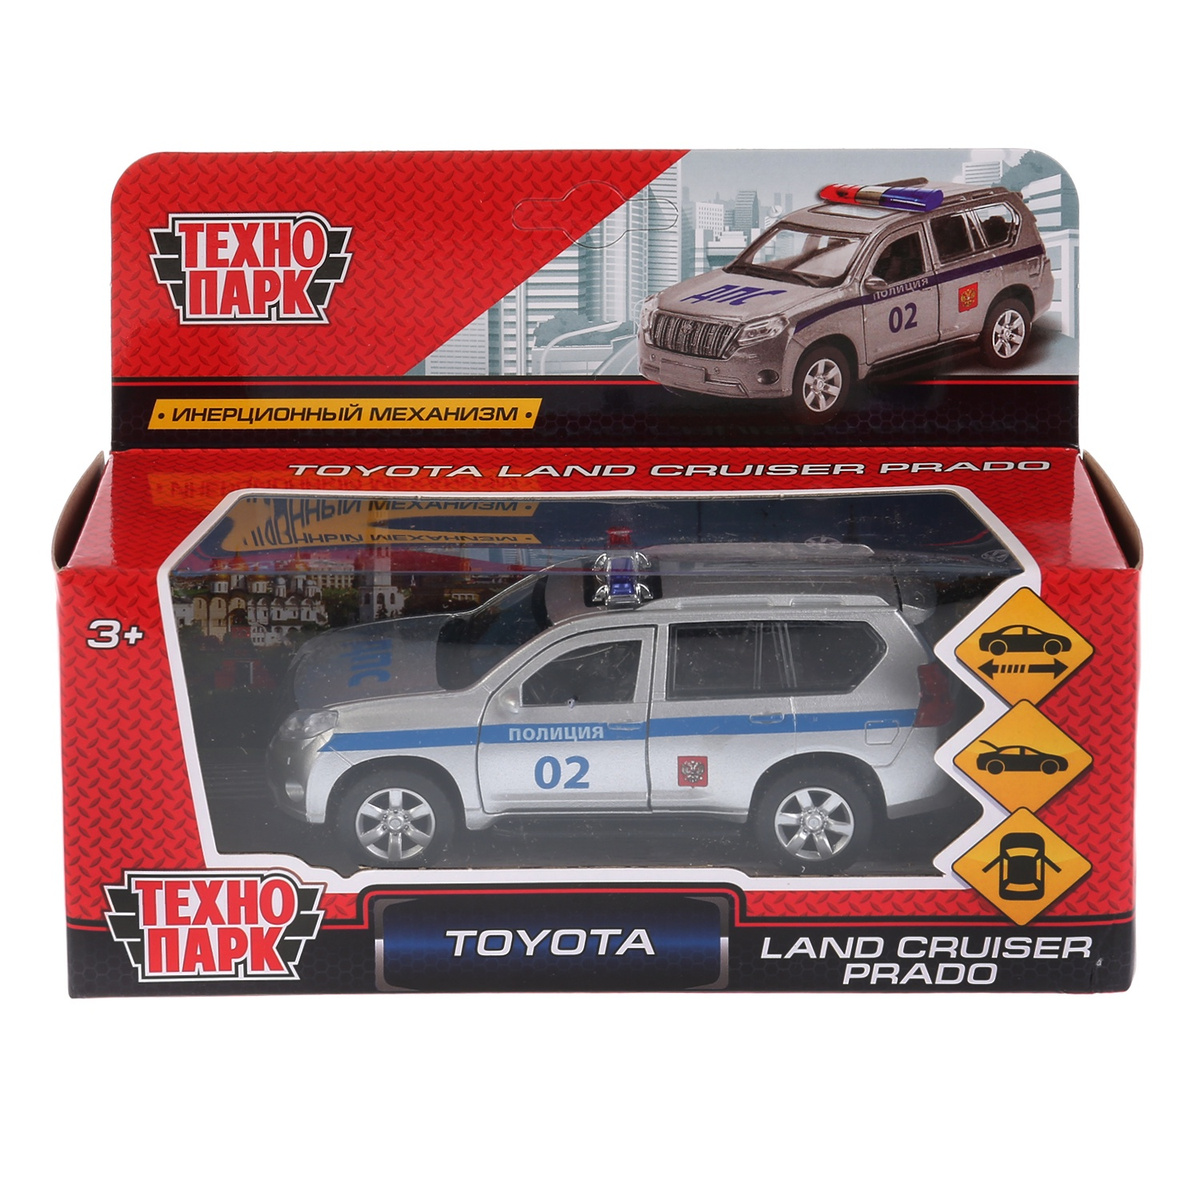 e663bd796b41 Машина Технопарк Toyota Prado, 259358, серебристый, синий, 12 см — купить в  интернет-магазине OZON.ru с быстрой доставкой